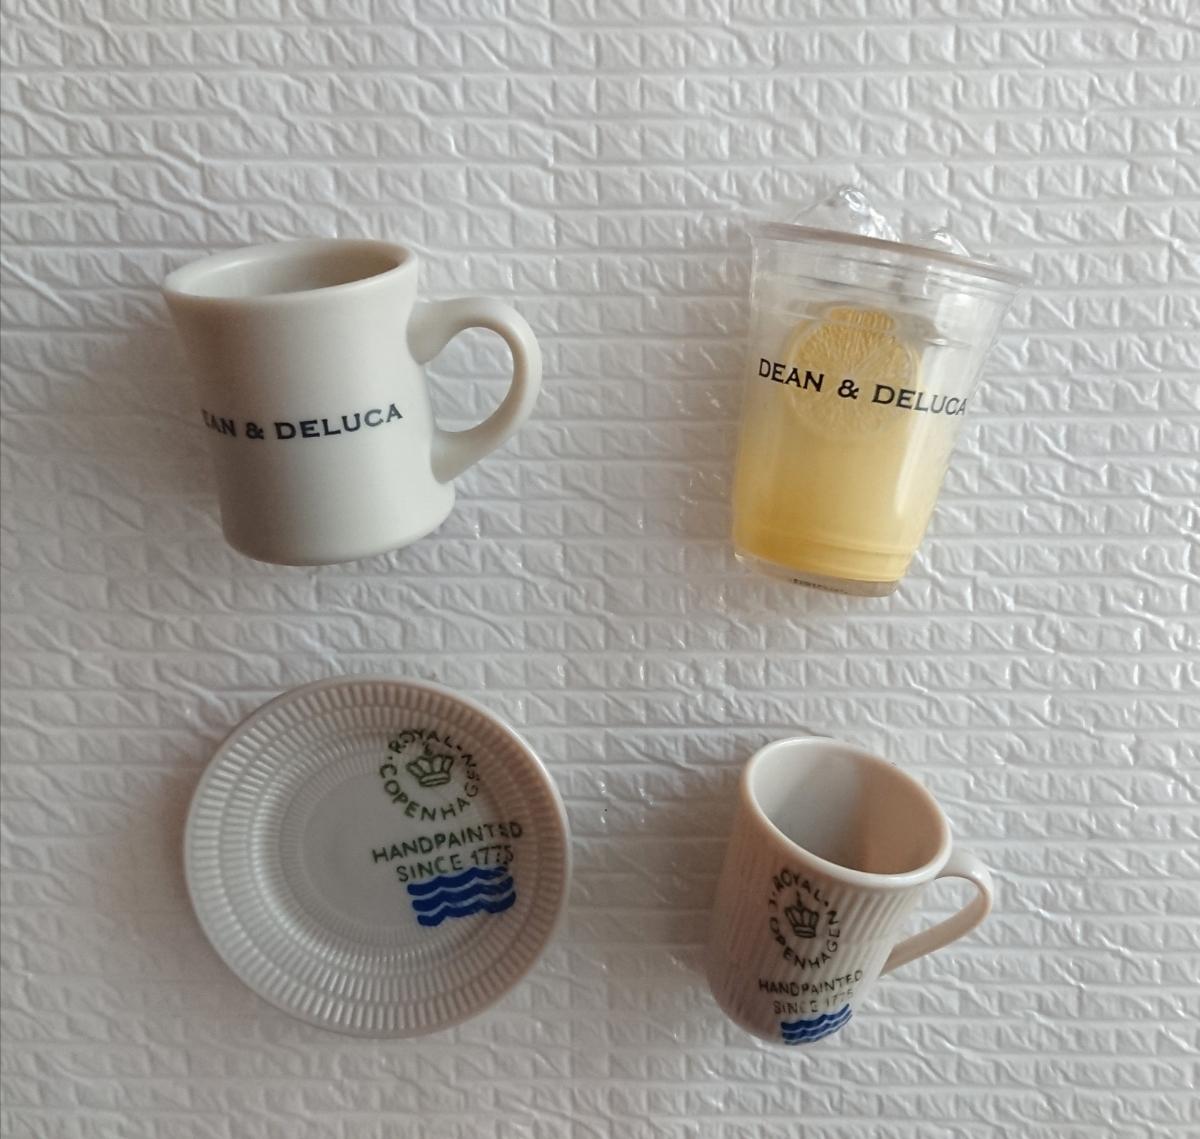 ペプシおまけ キッチンマグネット ディーンアンドデルーカ DEAN&DELUCA + ロイヤルコペンハーゲン 計4点